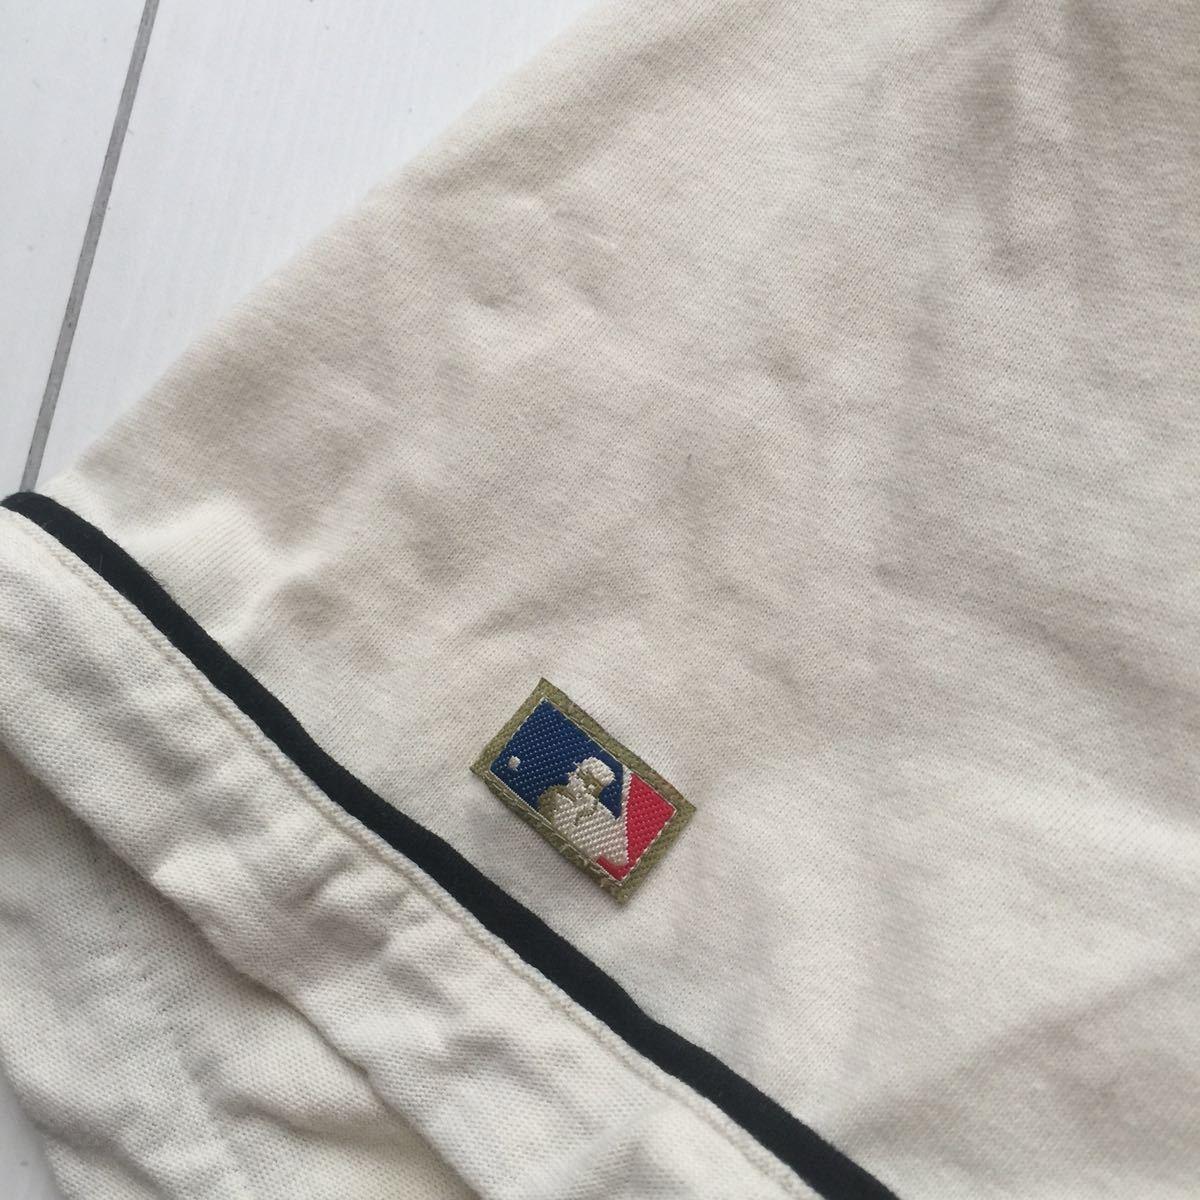 送料無料 coopers town baseball shirt new york yankees クーパーズタウン ヤンキース ベースボールシャツ old オールド 1927 vintage MLB_画像6